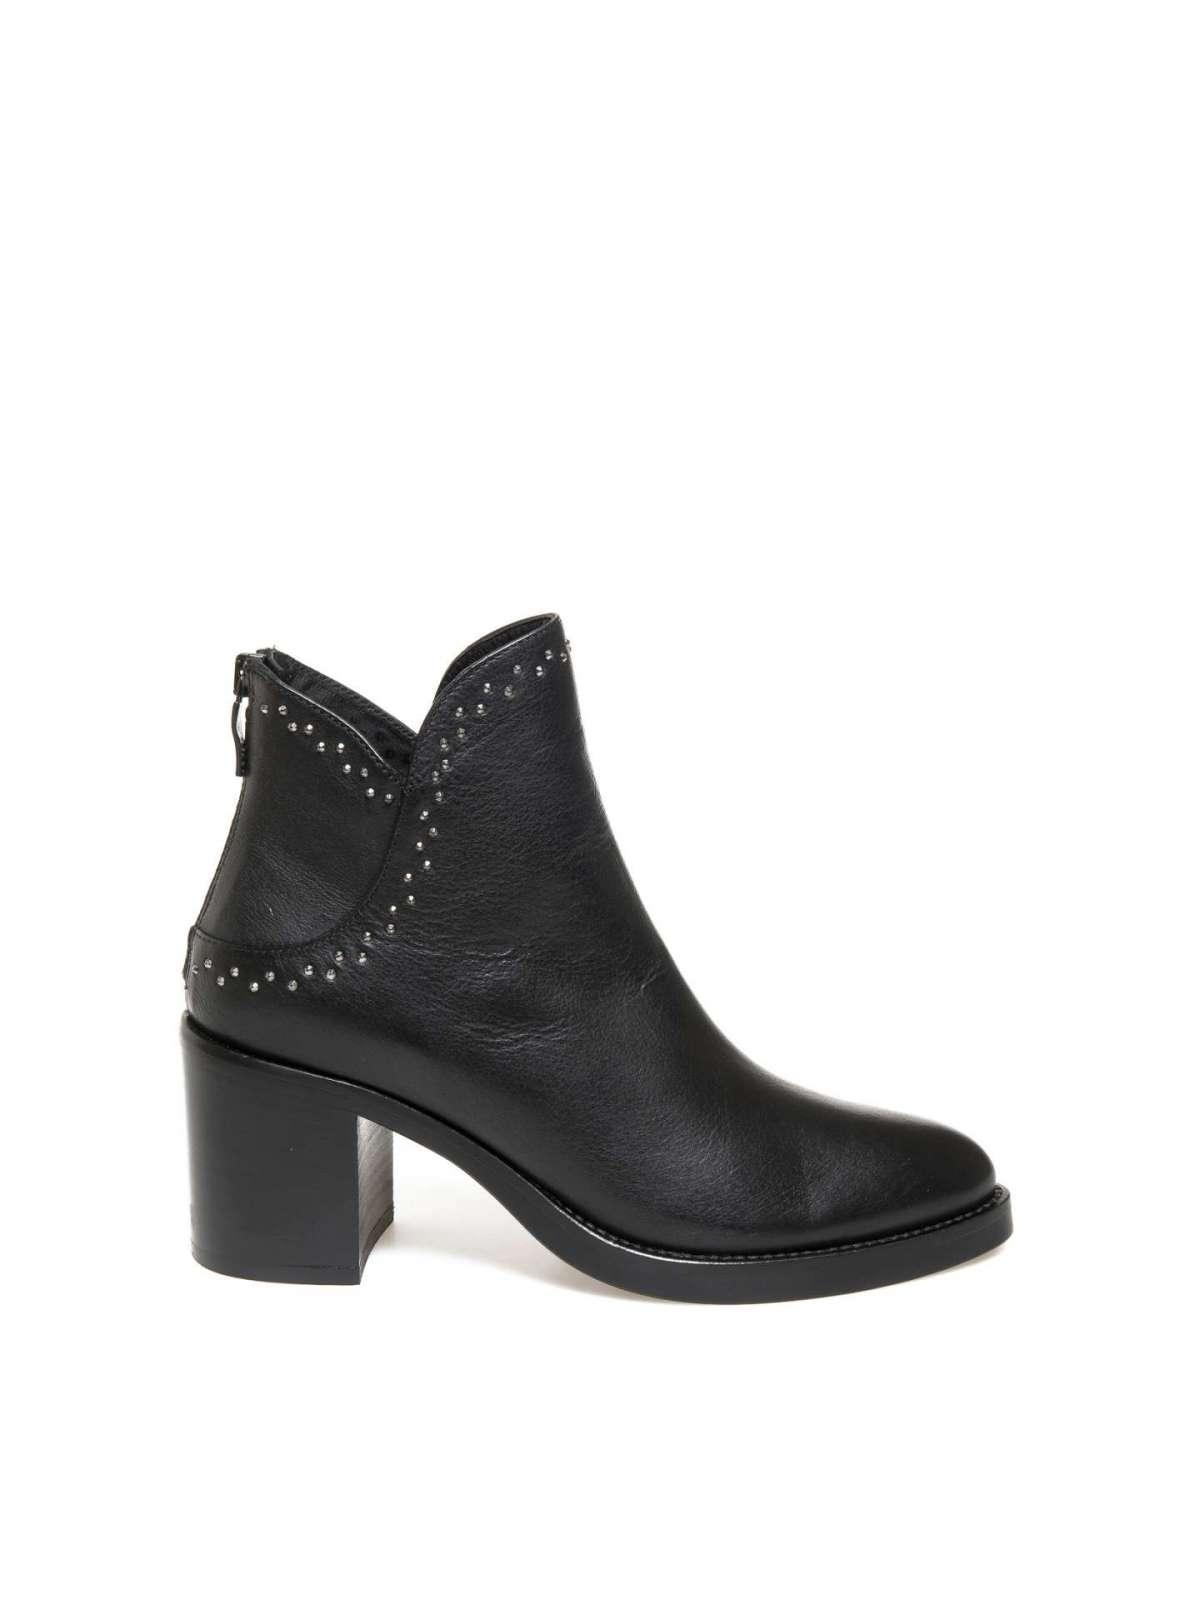 Janet   Janet scarpe 2016 2017  Calzature donna invernali 8f259d42b54